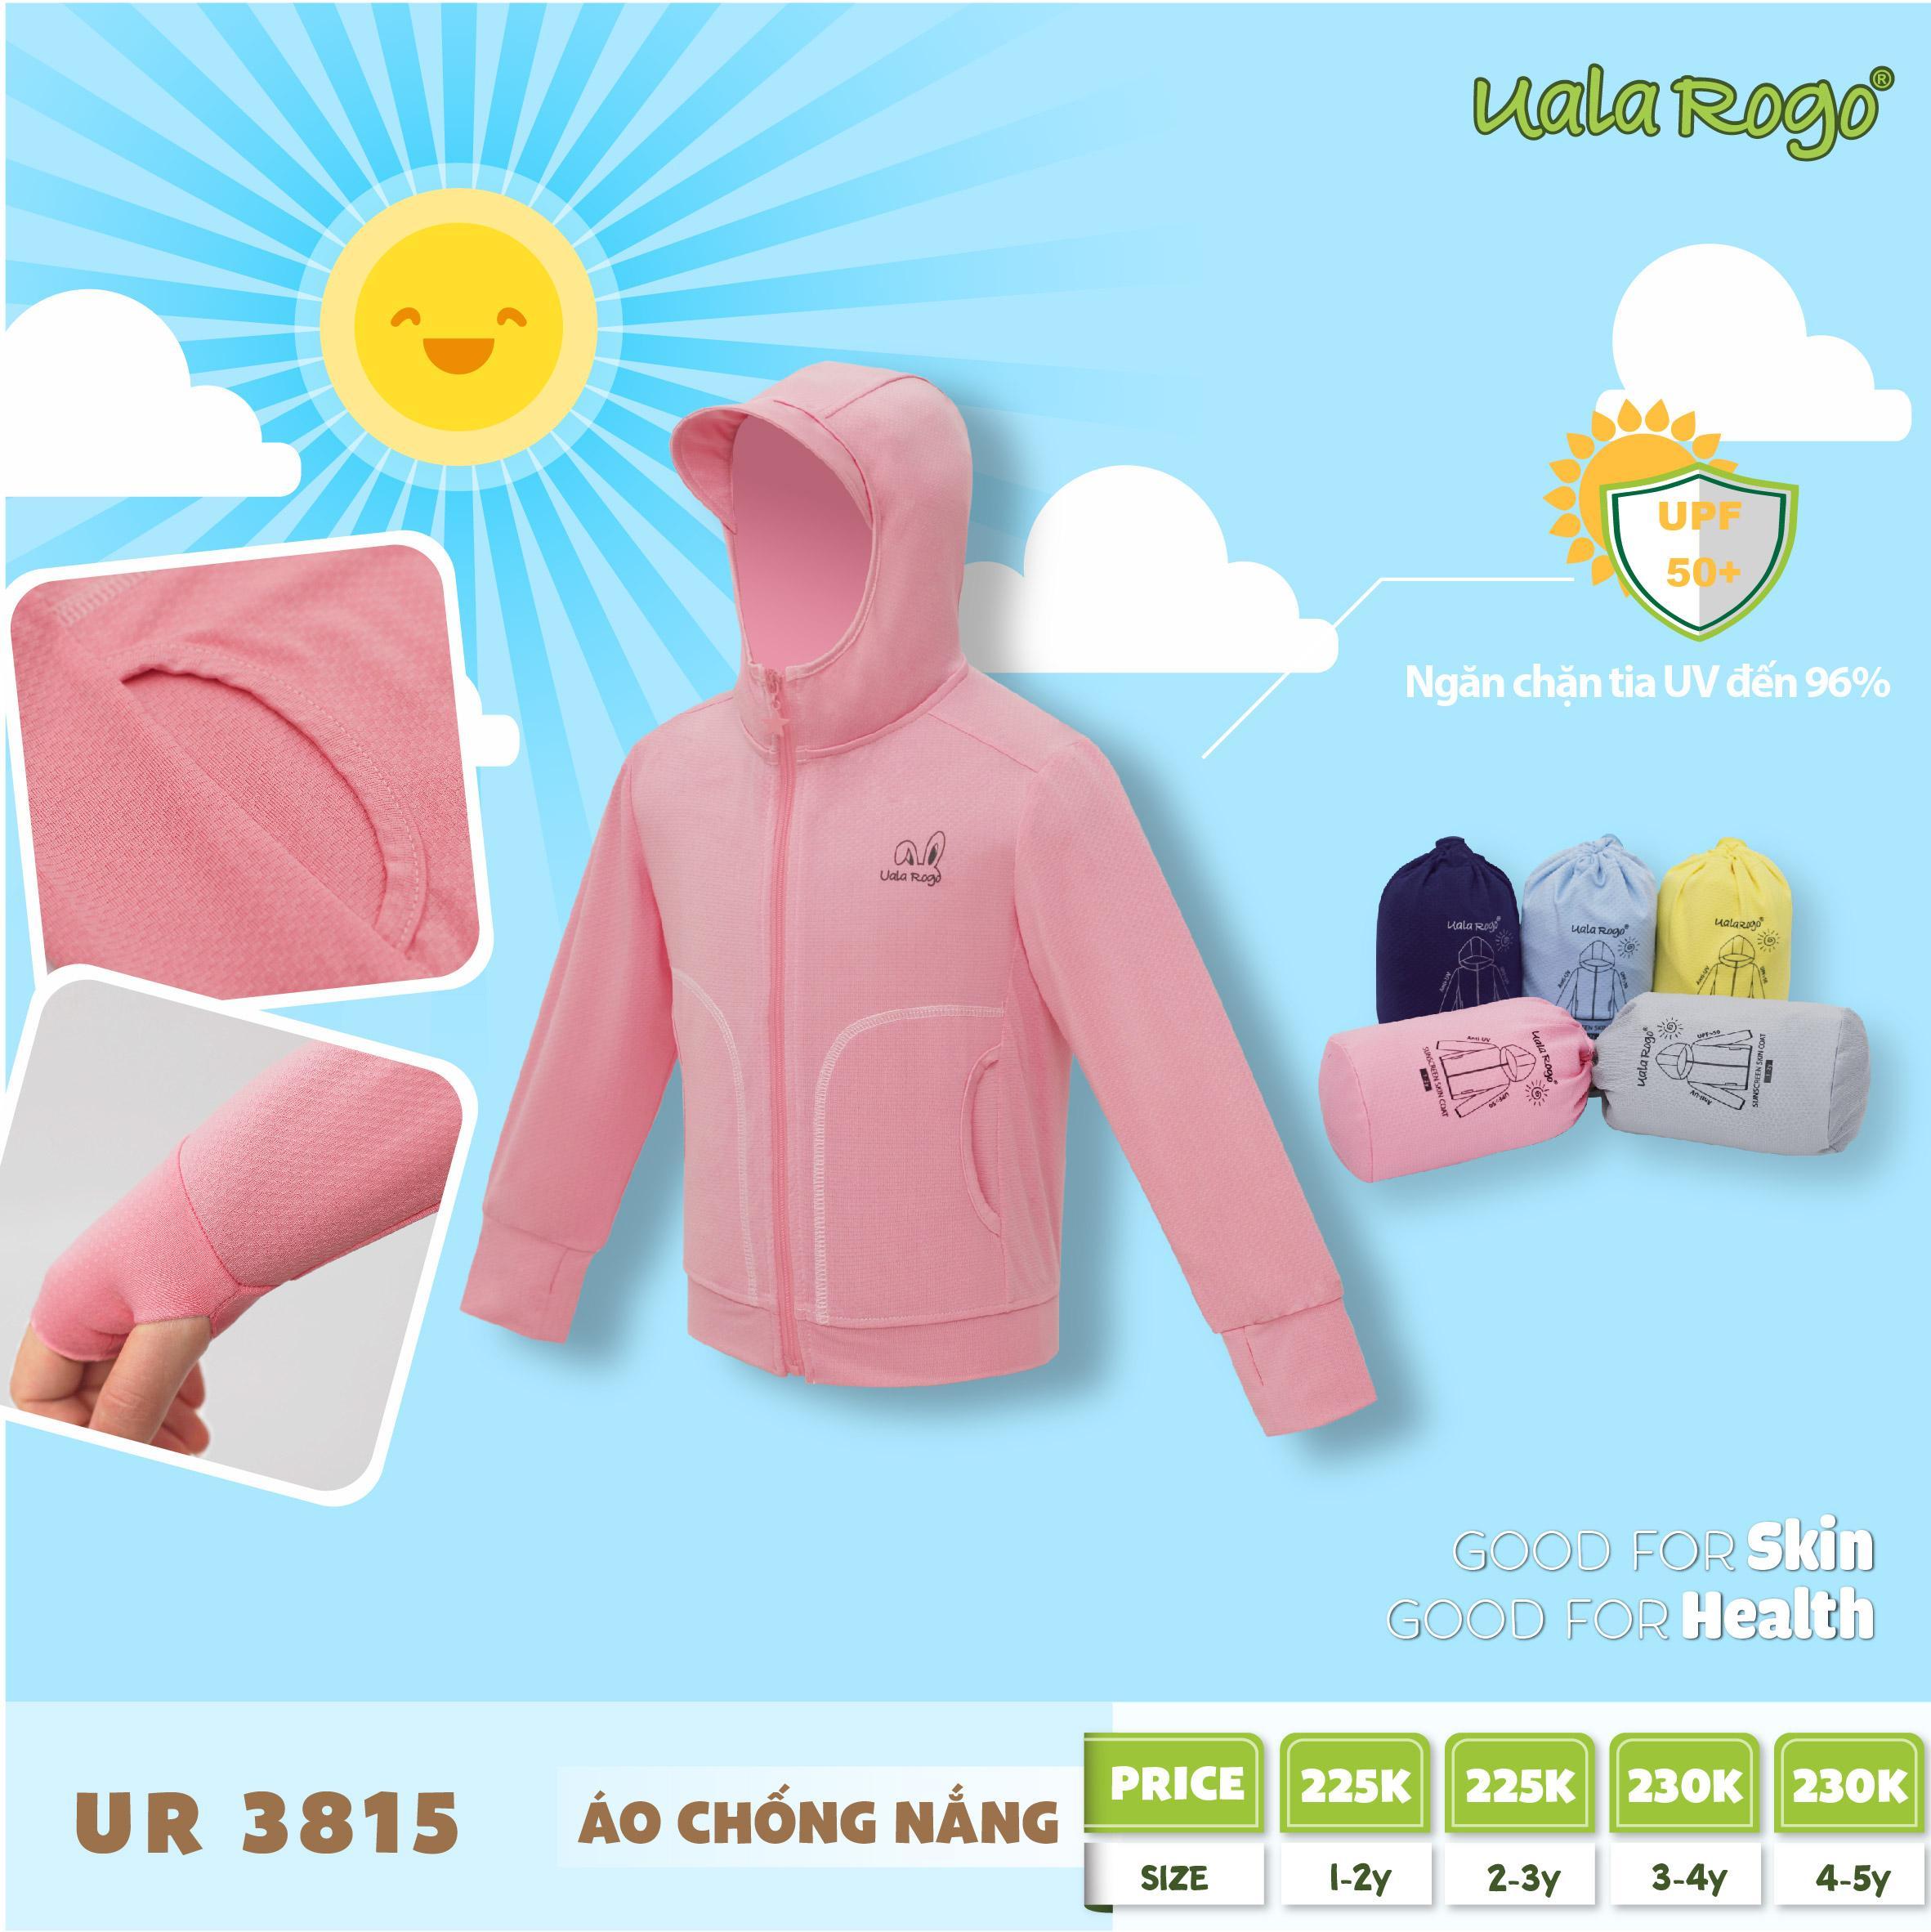 UR3815.5- Áo khoác chống nắng cho bé Uala Rogo